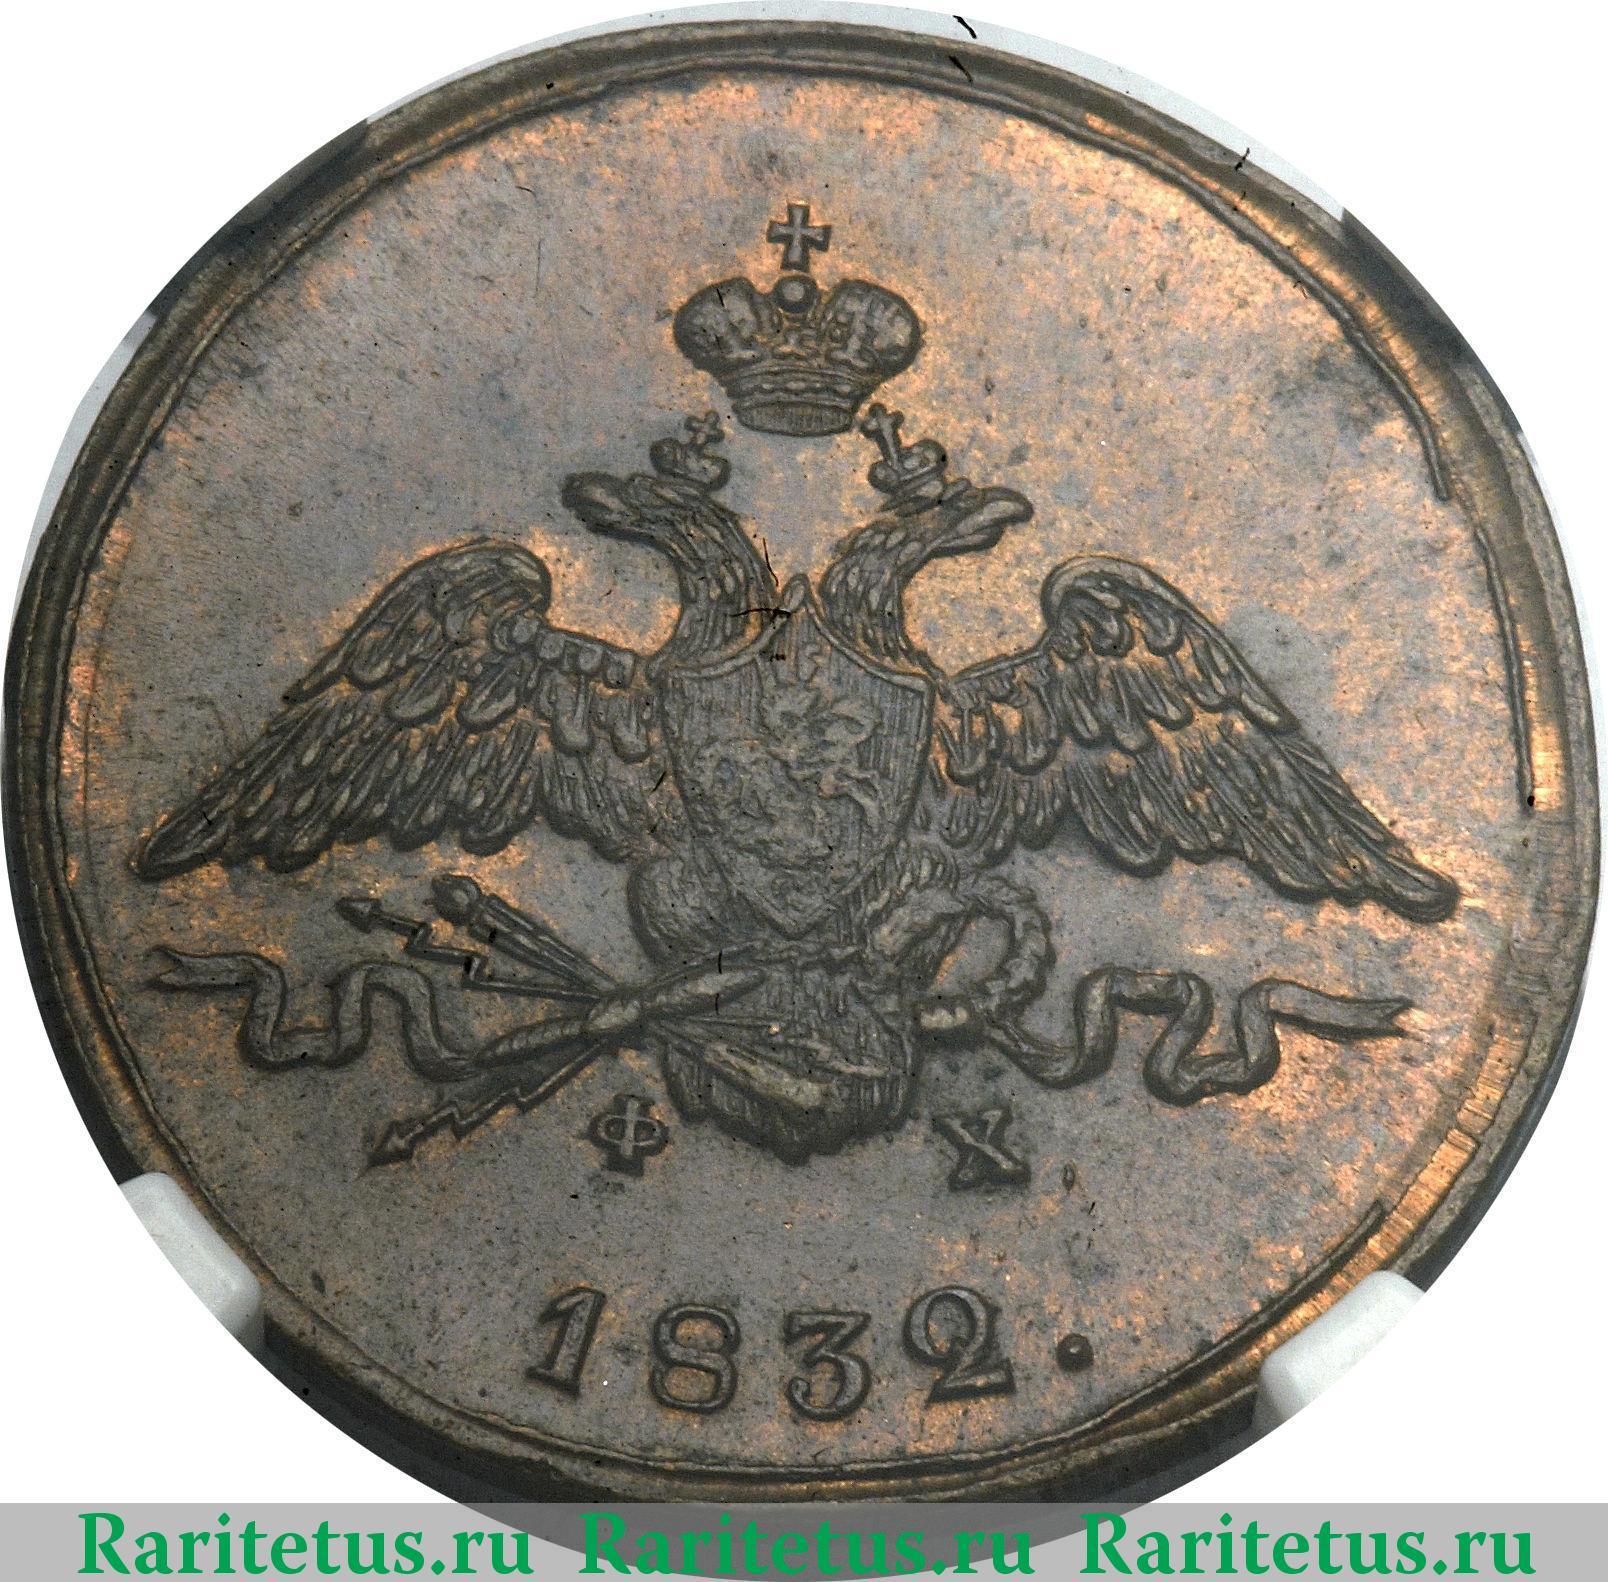 1 копейка 1832 деньги на старорусском